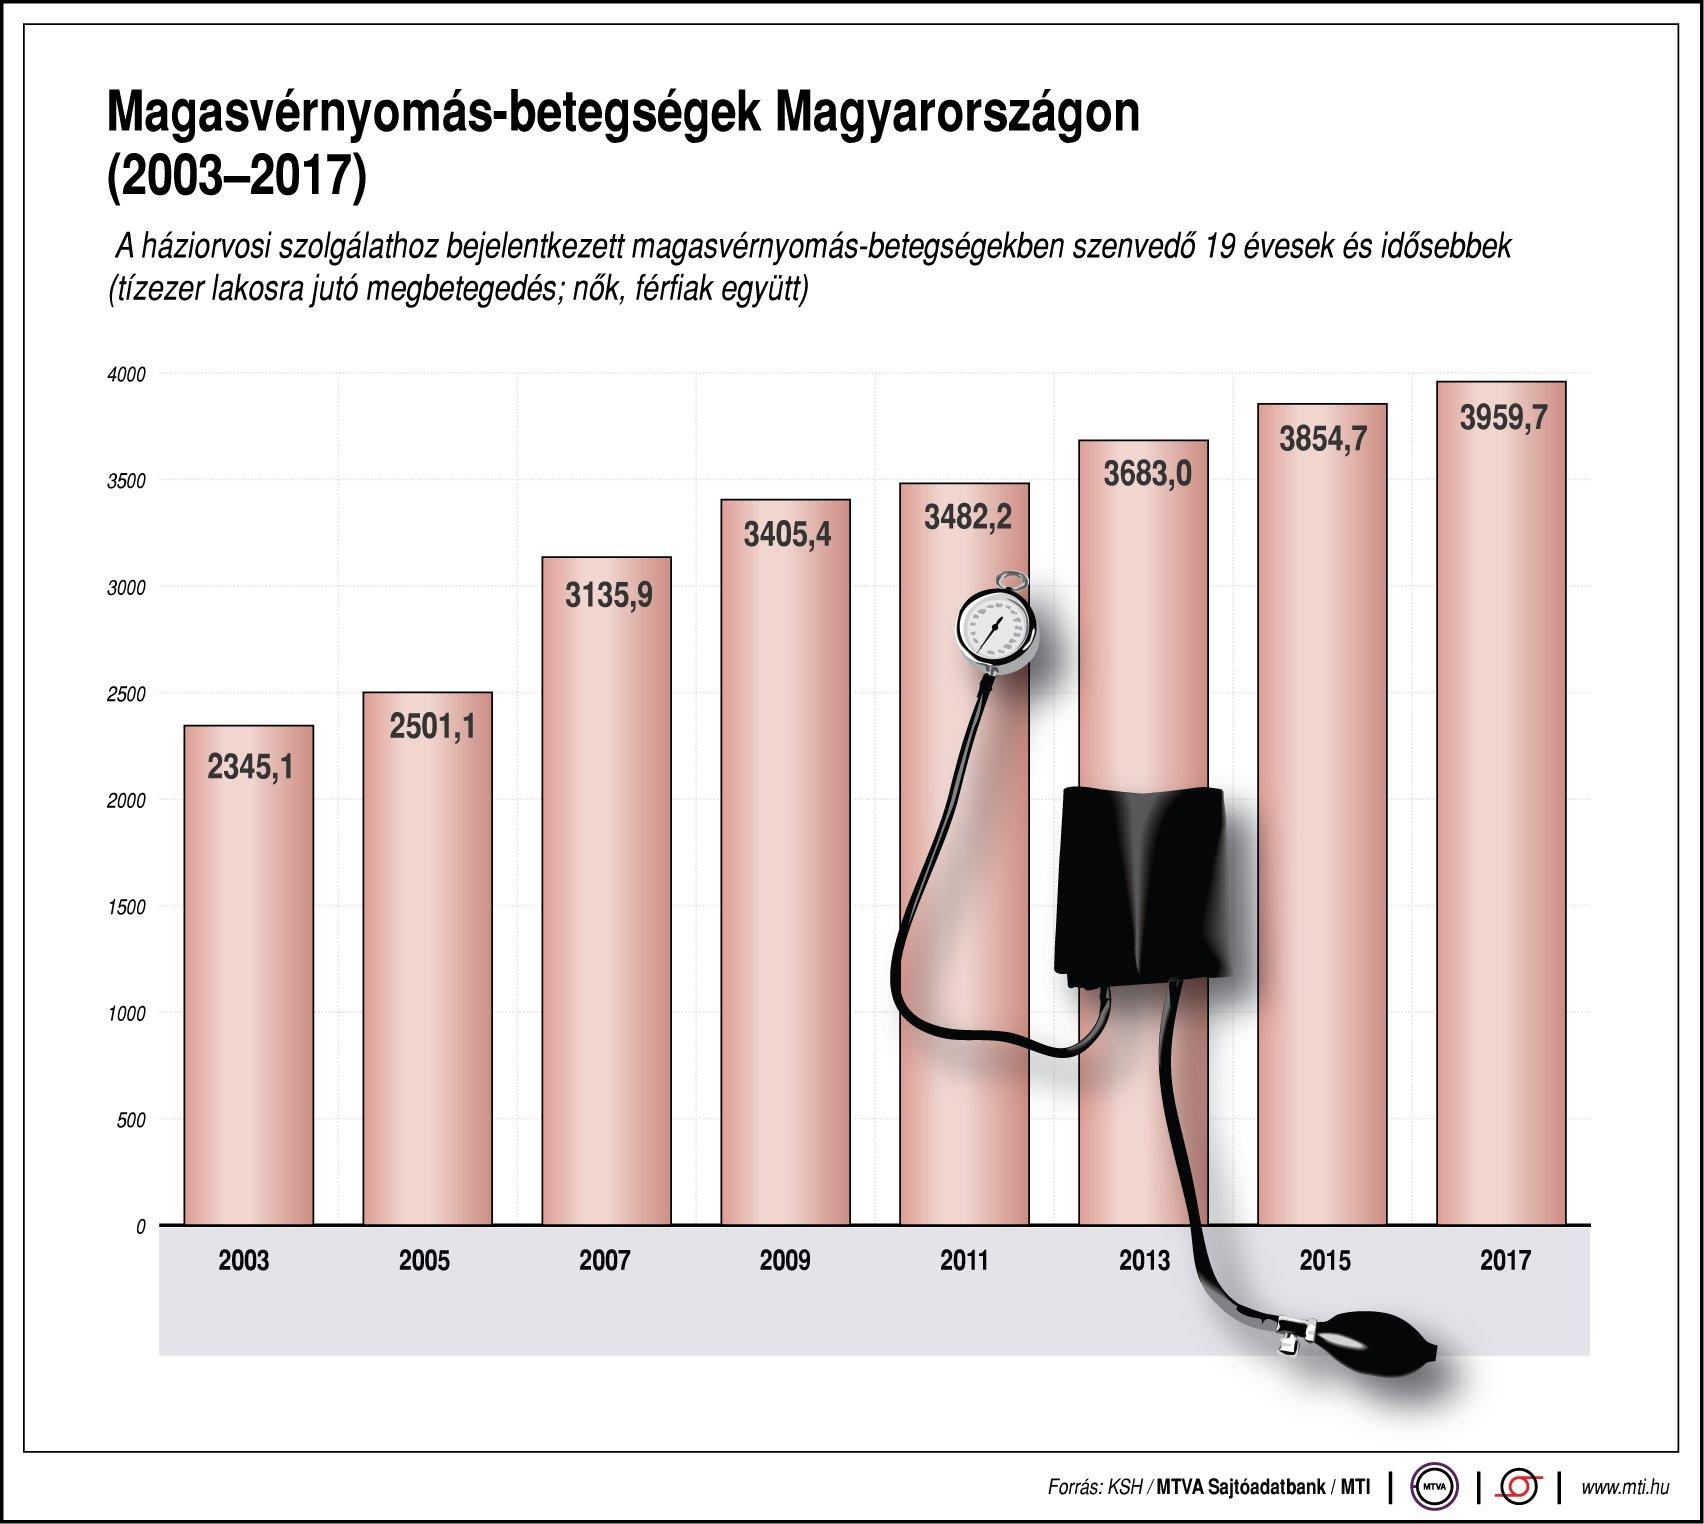 magas vérnyomás élet nyomás alatt)